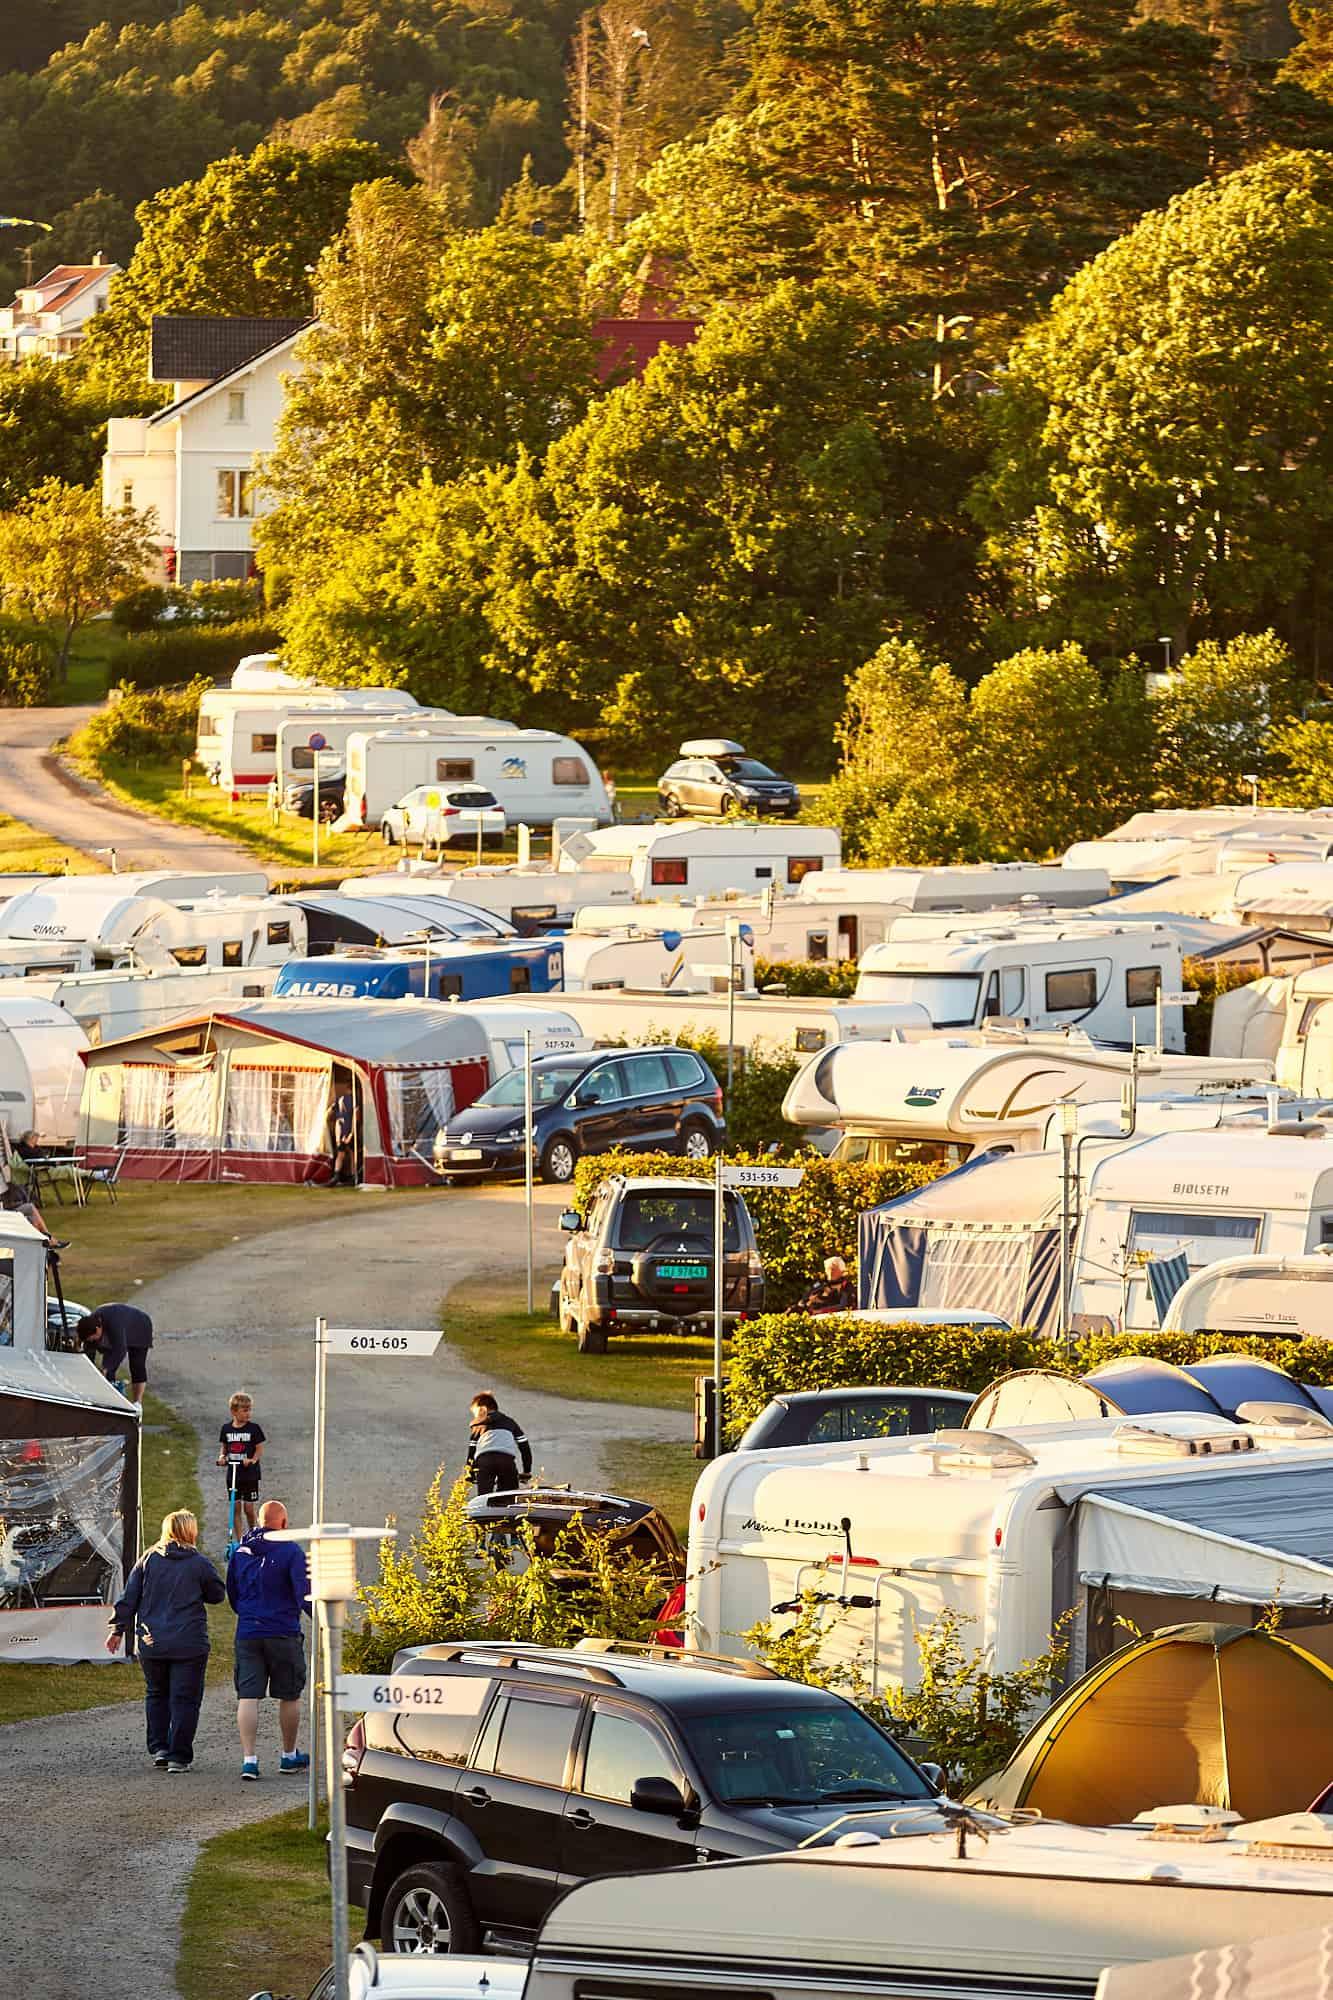 Överblick över campingen.